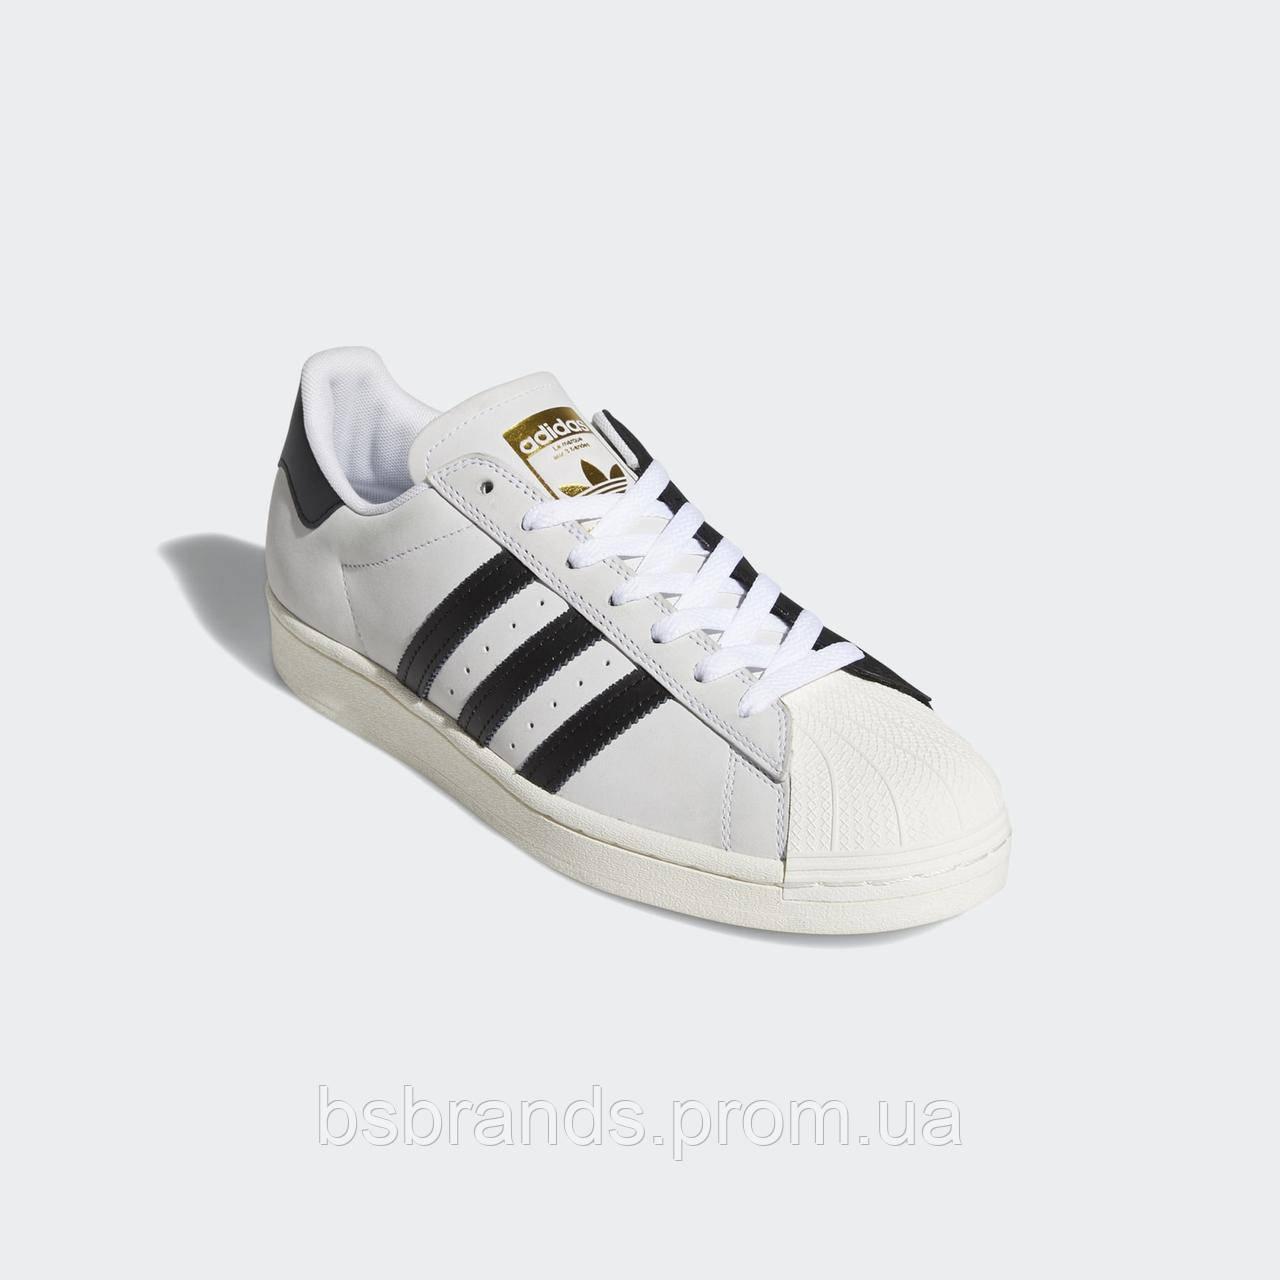 Чоловічі кросівки adidas Superstar FV0323